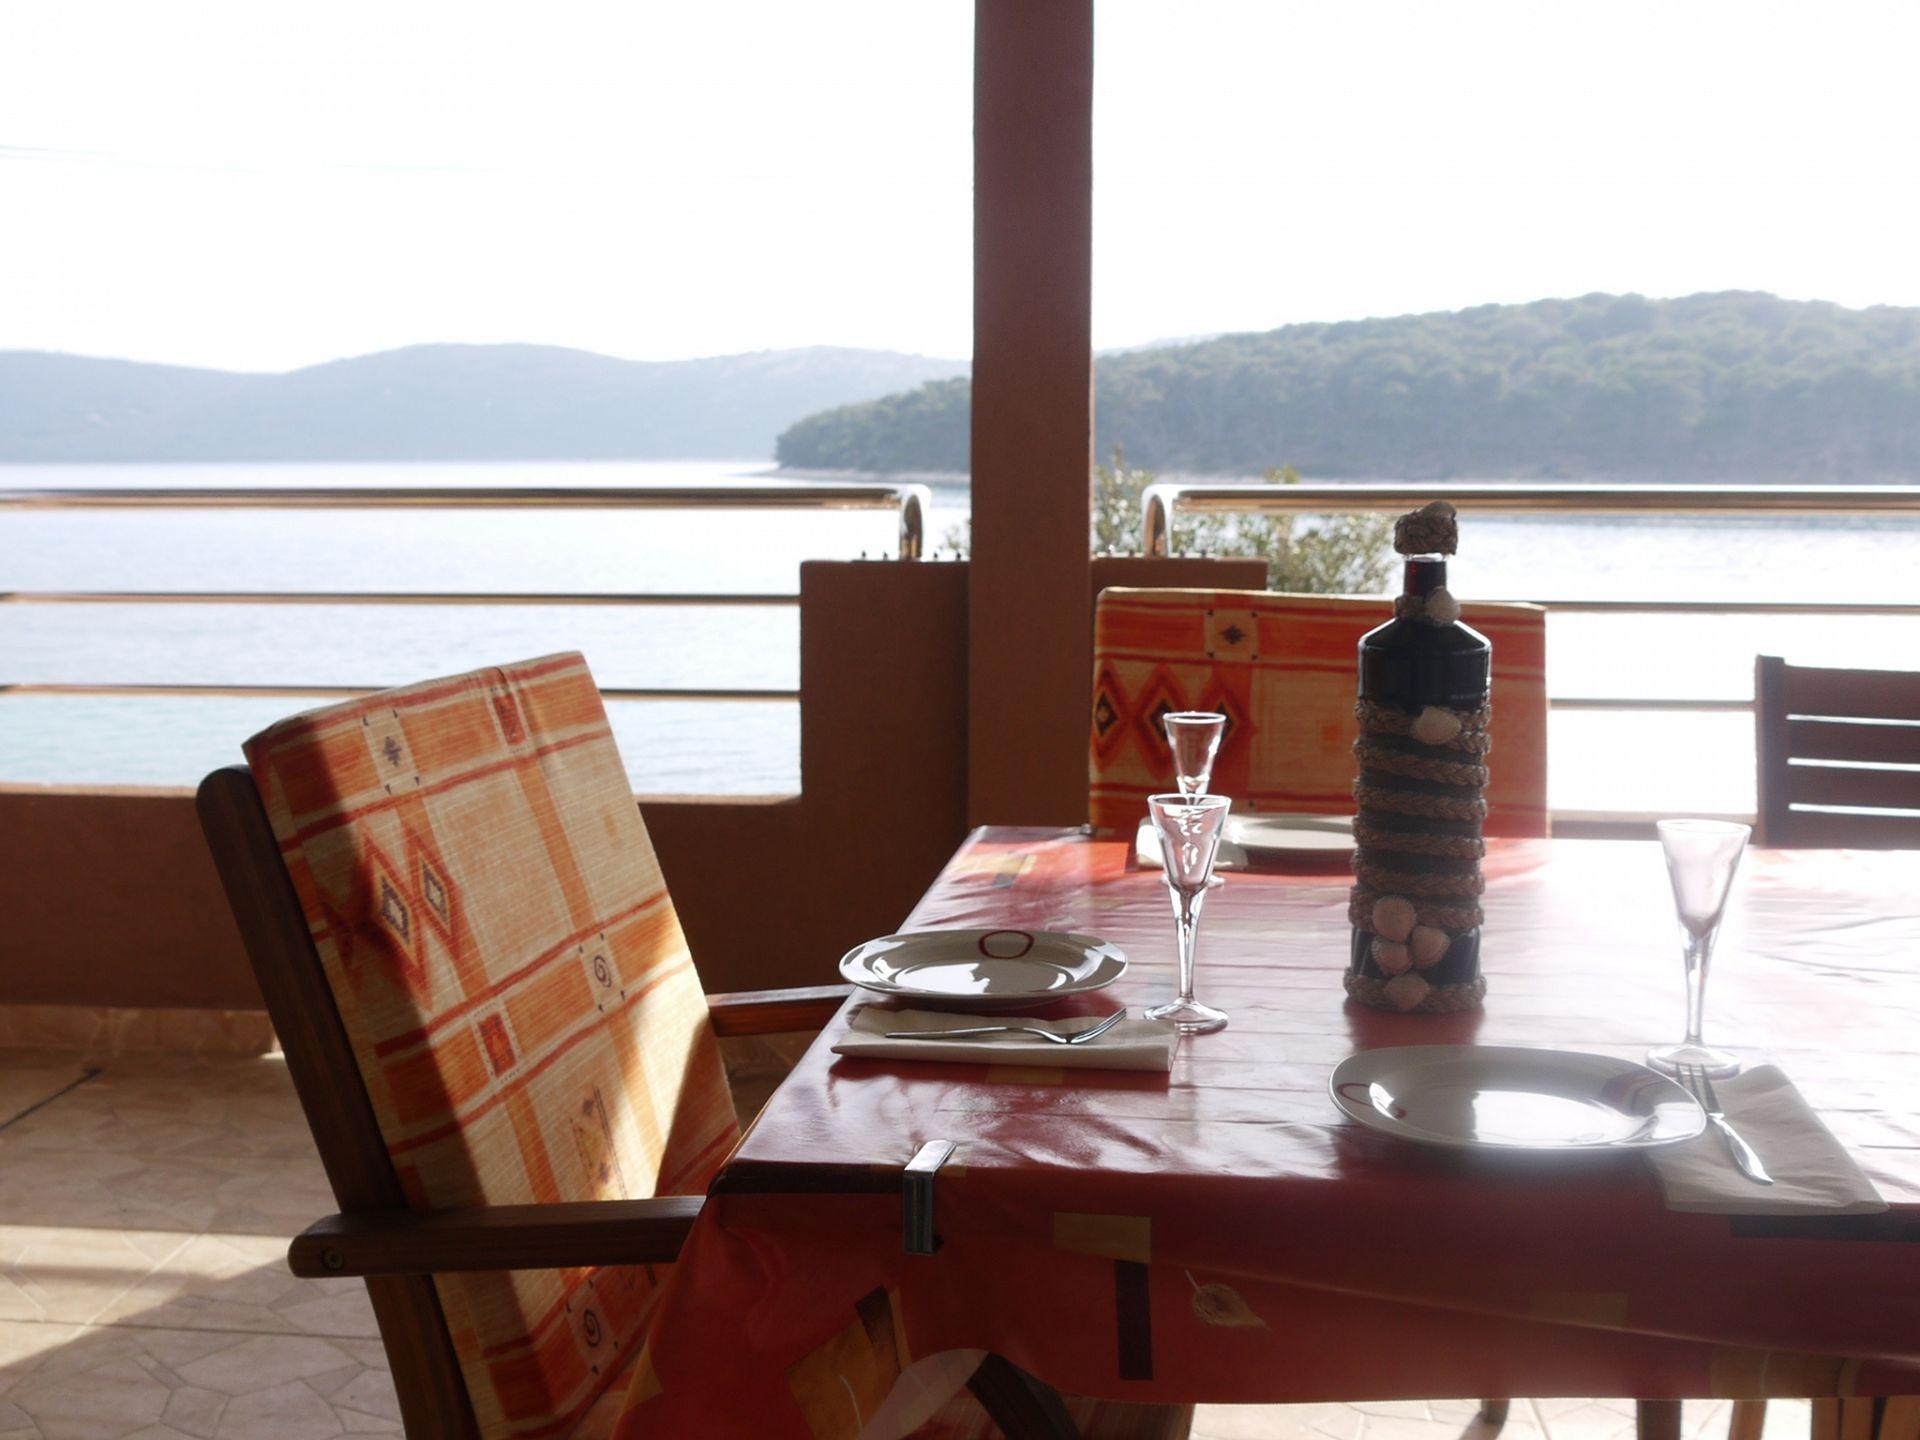 Ado - Molat (Insel Molat) - Ferienhäuser, Villen Kroatien